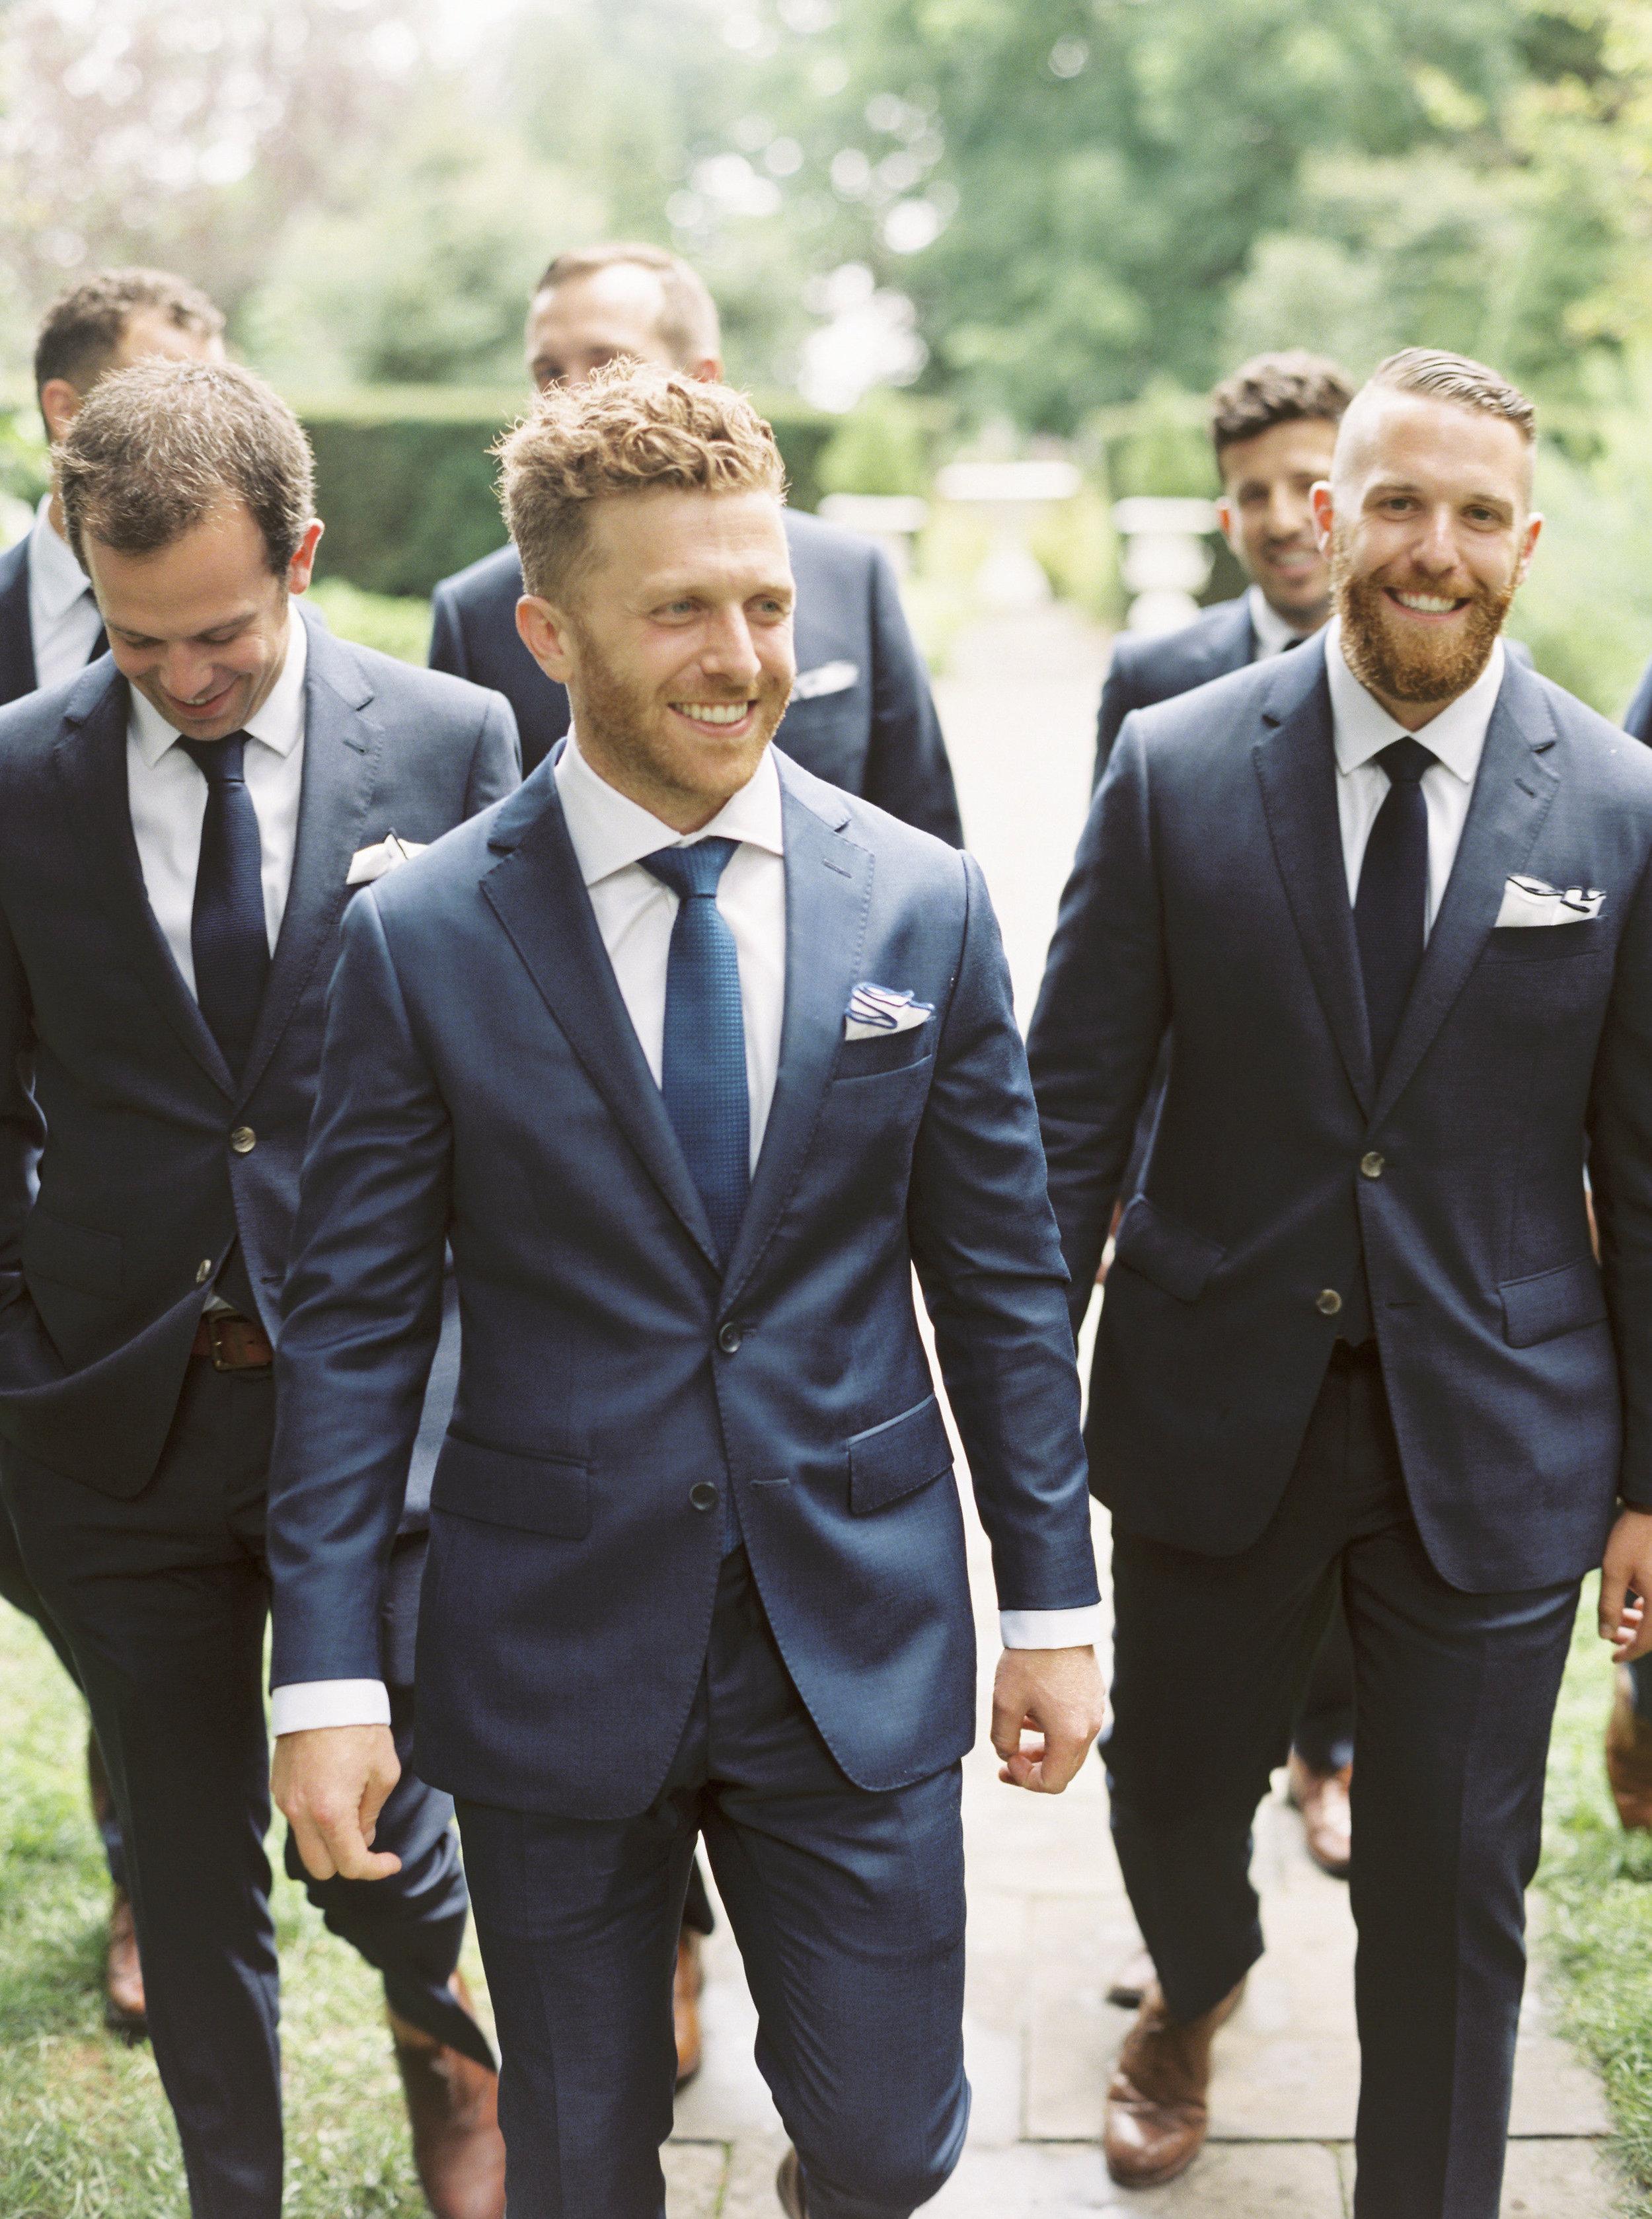 Wedding___Nicole___Eric_157.jpg